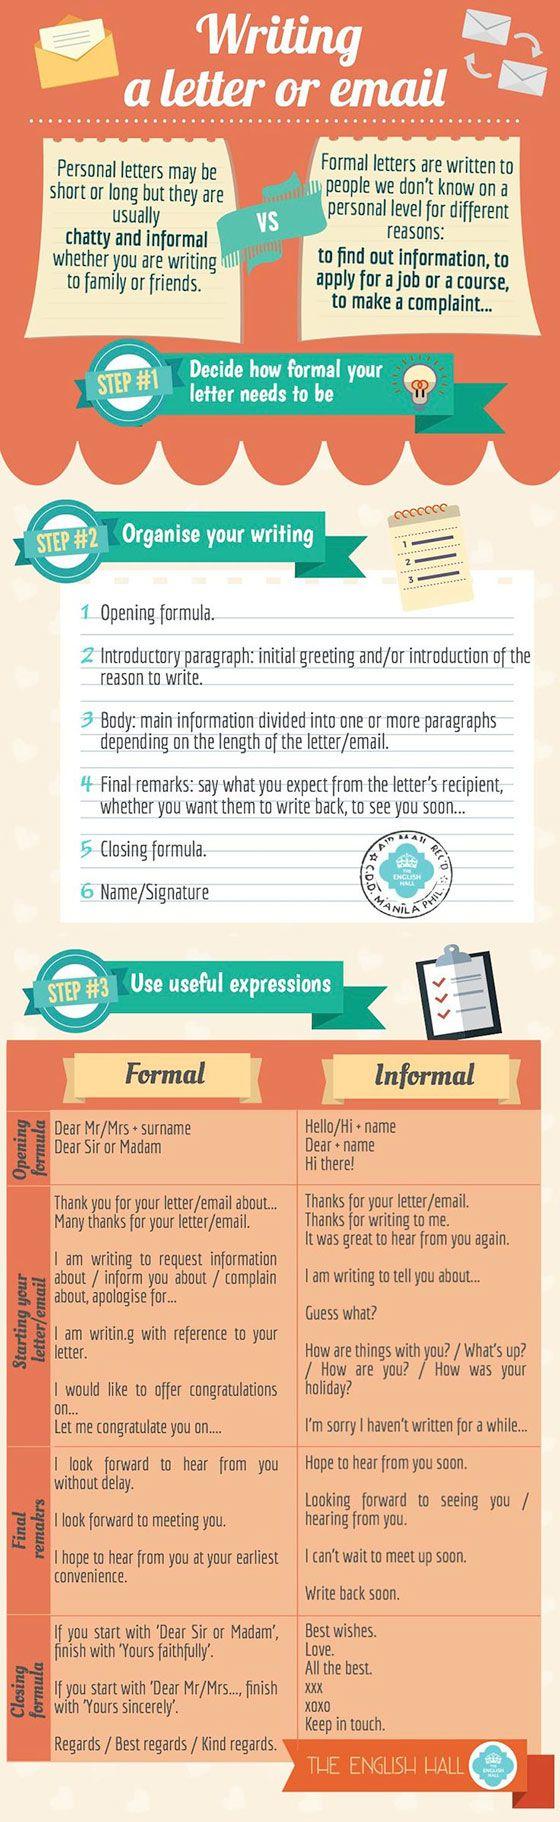 Как написать письмо на английском: инфографика